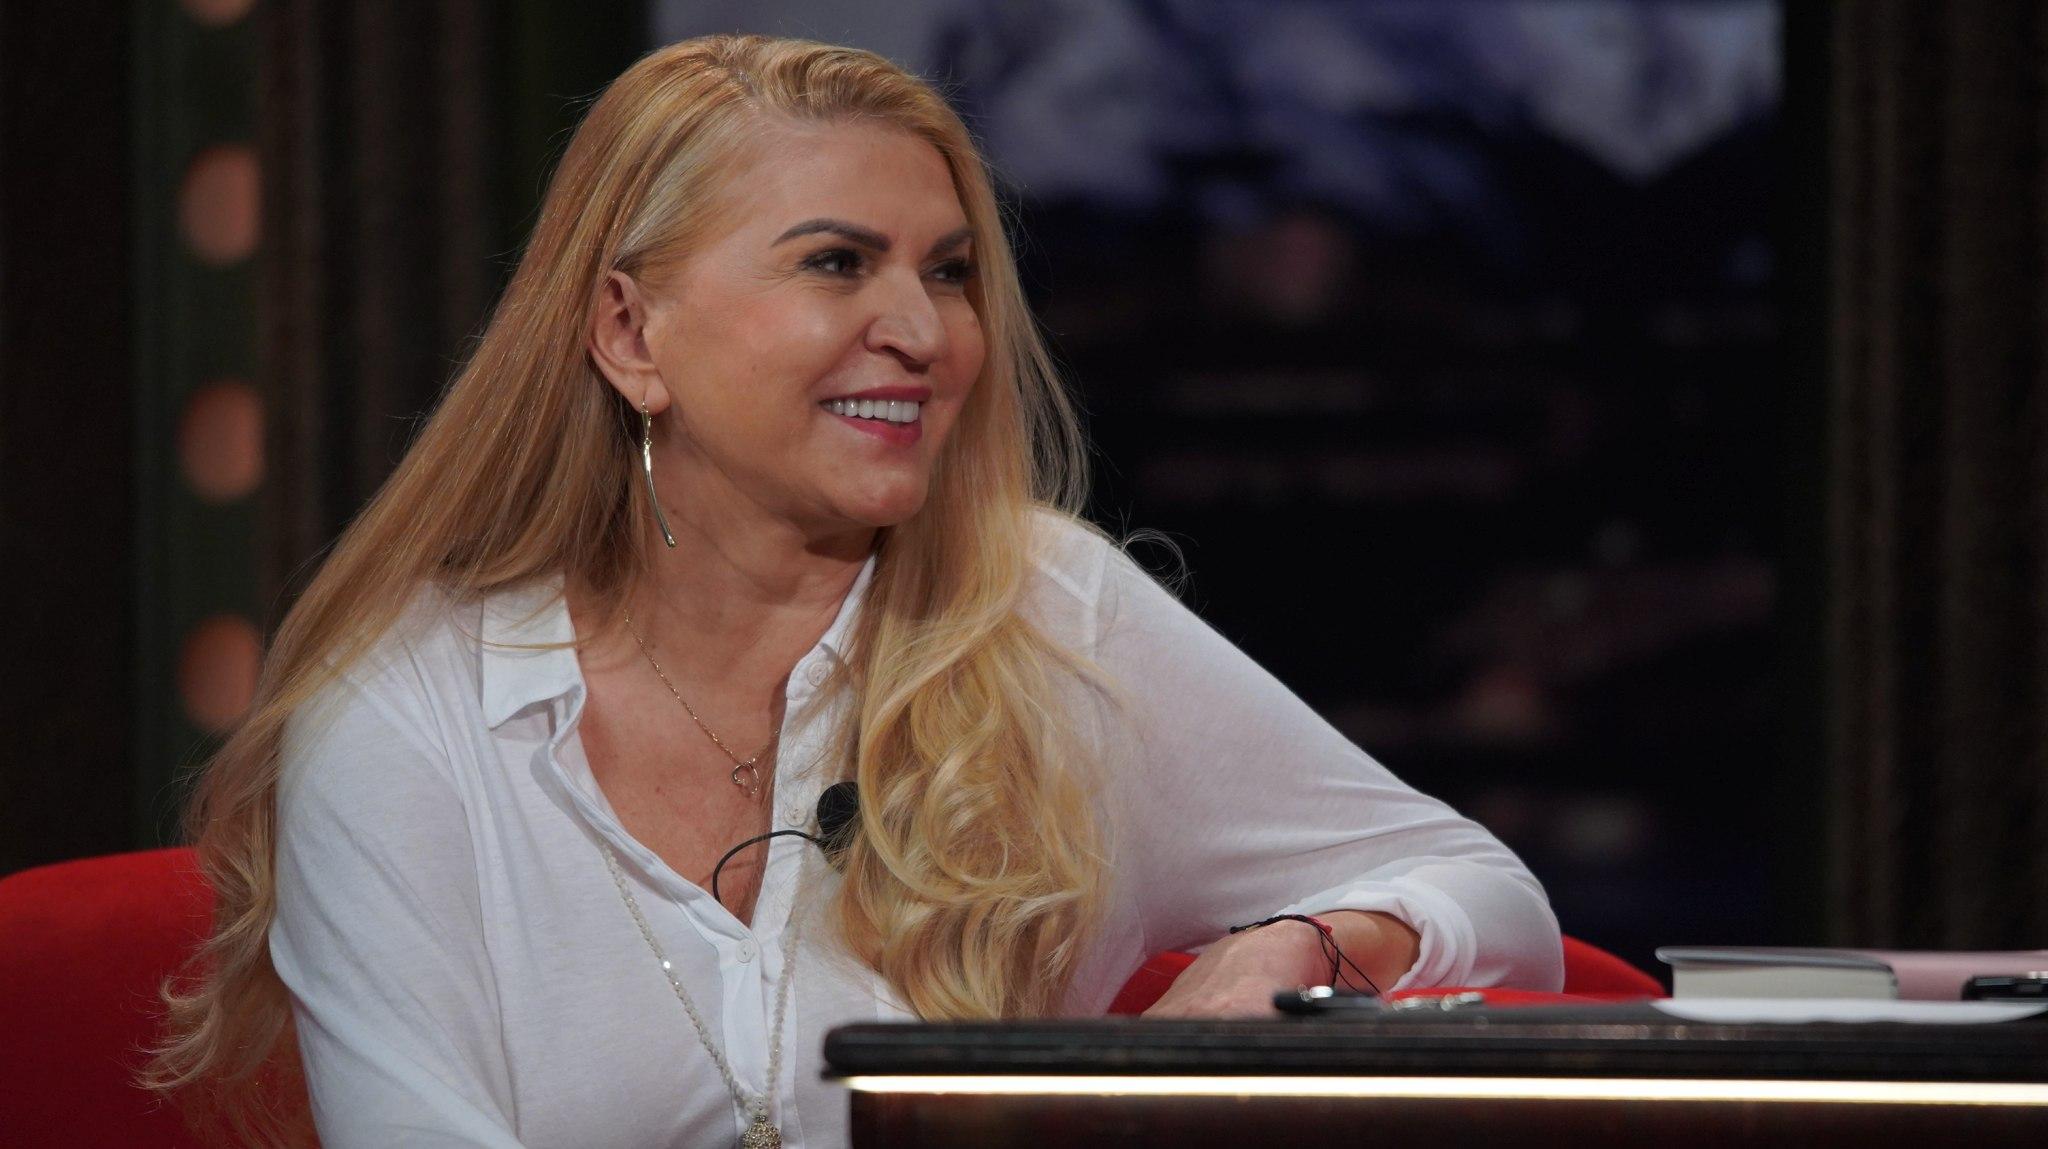 Spisovatelka a stand-up komička Martina Formanová v SJK 26. 5. 2021